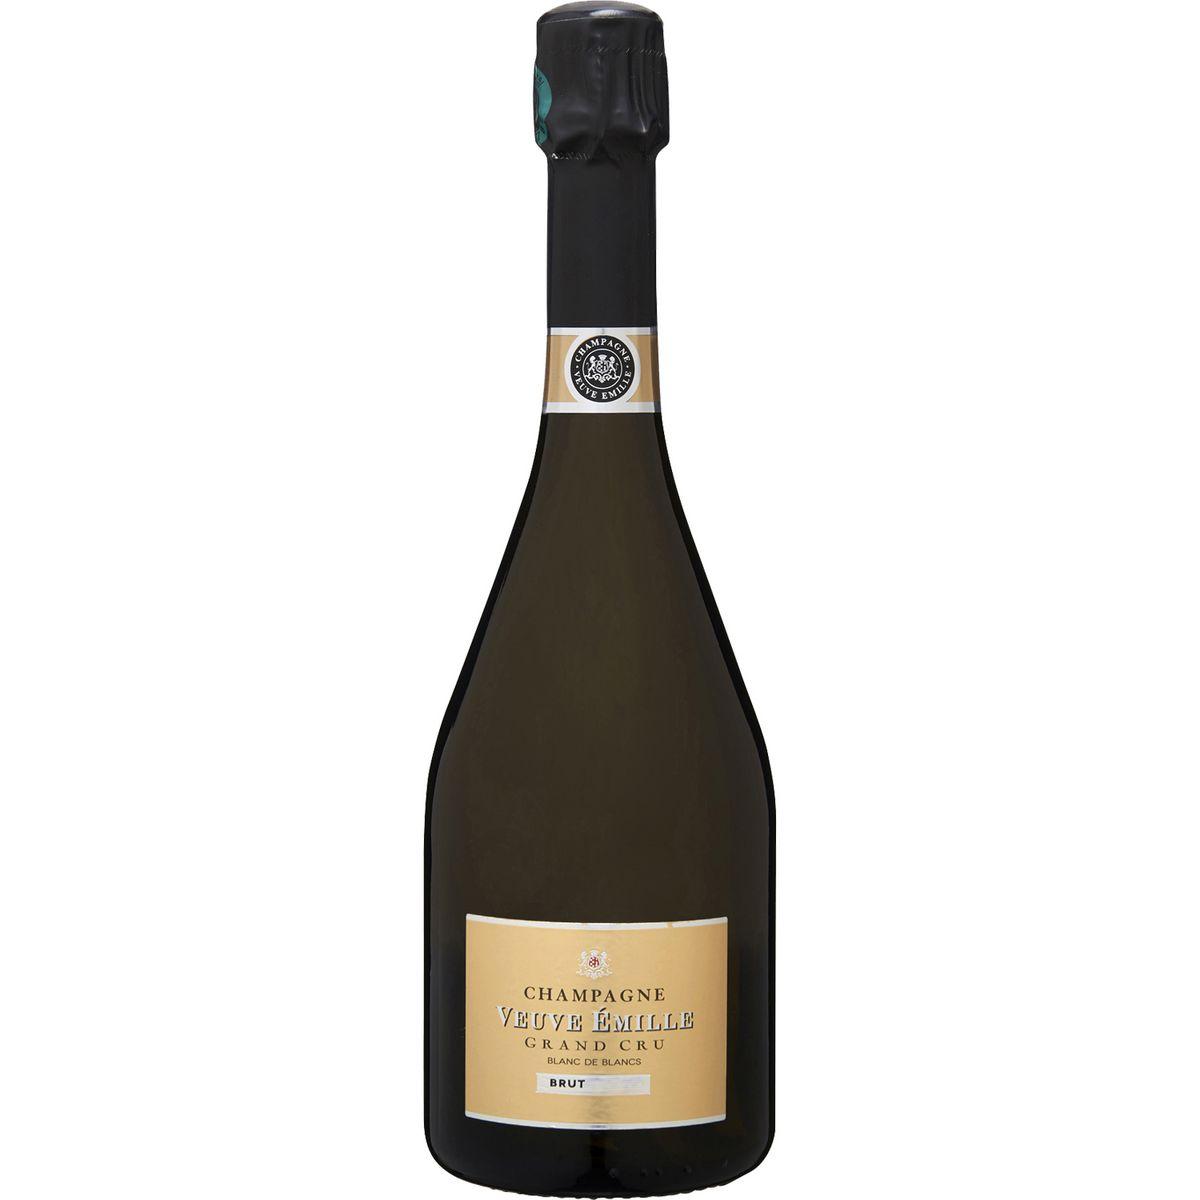 AOP Champagne brut grand cru